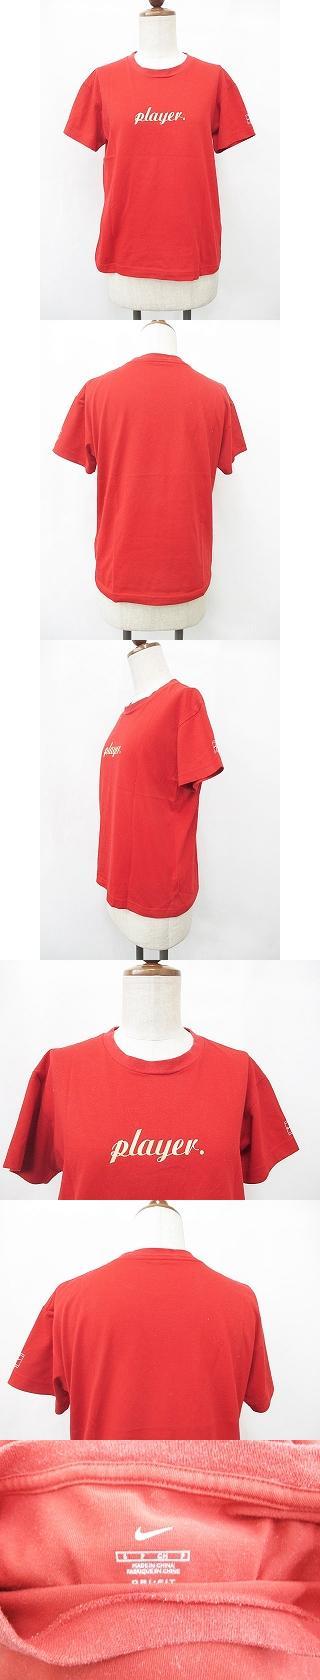 Tシャツ スポーツウエア 丸首 プリント ロゴ ロゴマーク 半袖 赤 薄オレンジ レッド S